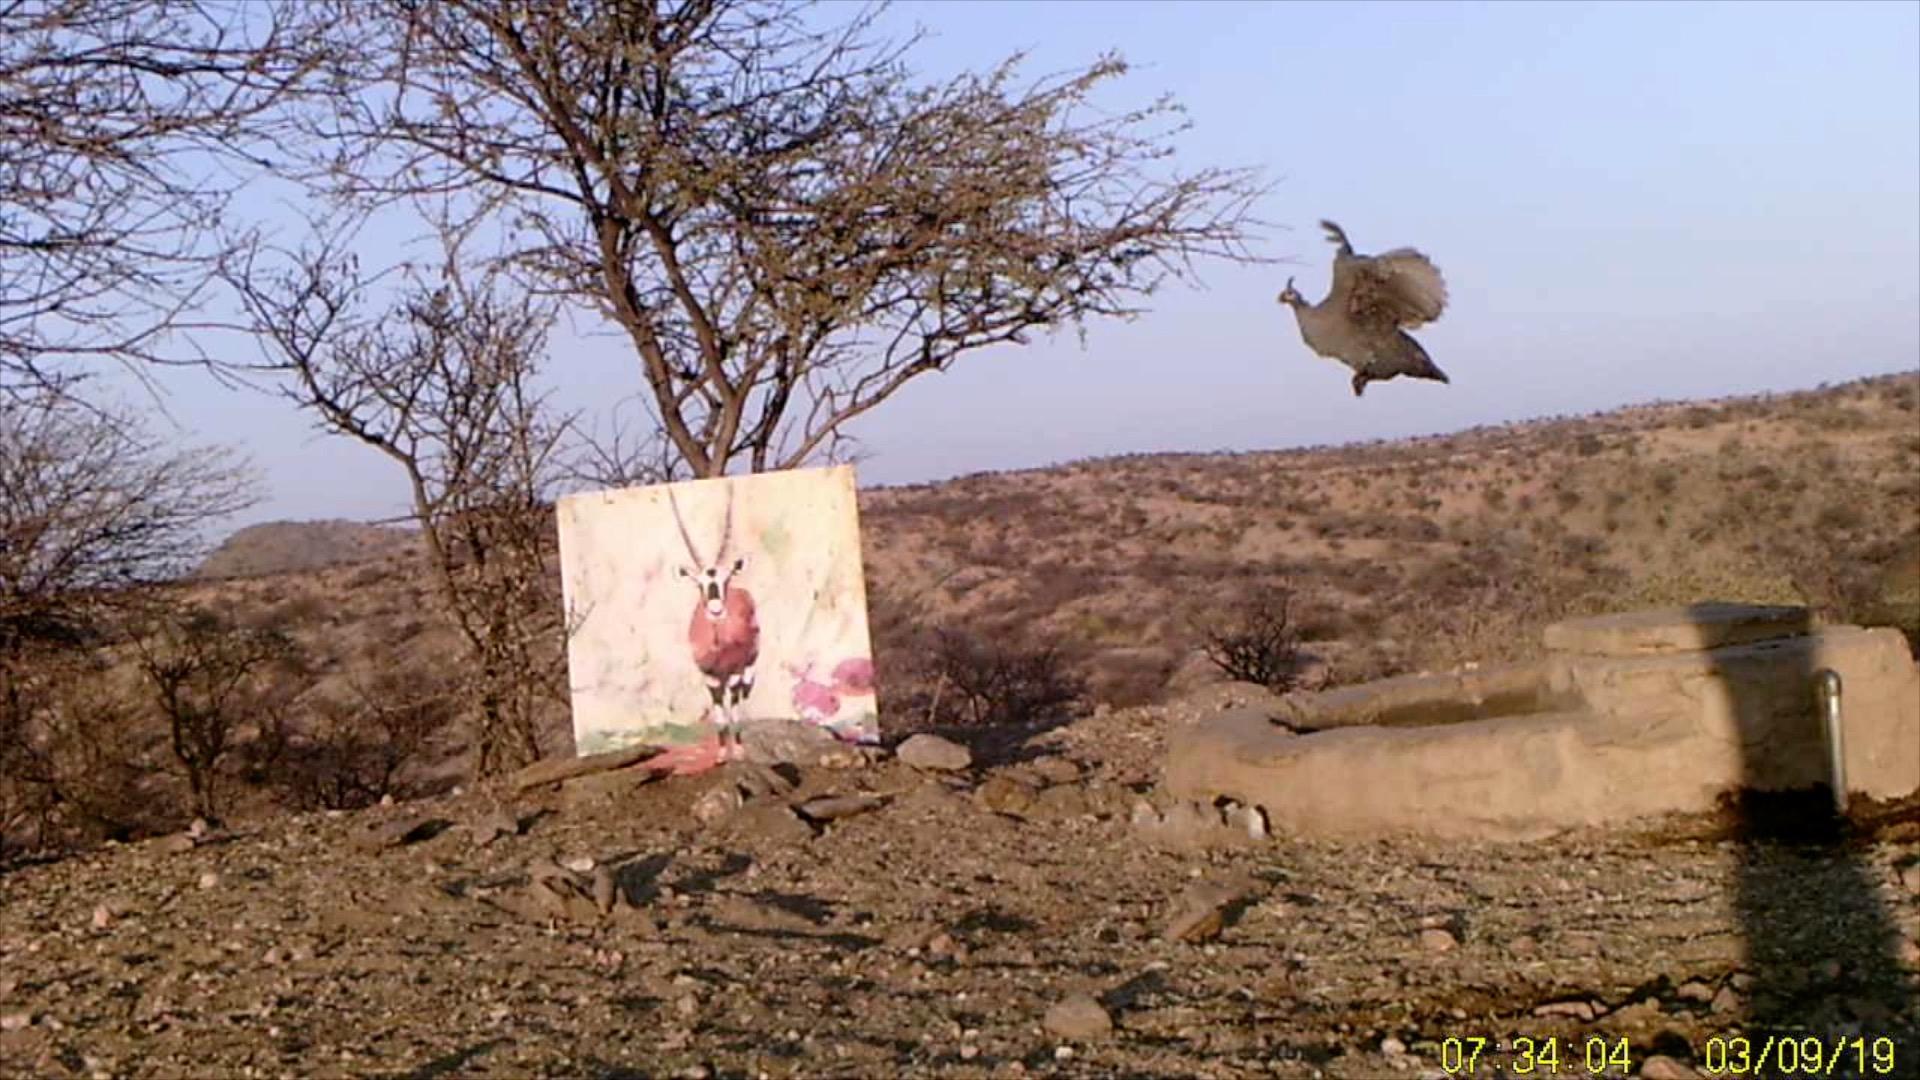 Filmstill SUPERWILDVISION Namibia 2019, Afrika, Kunstprojekt von Irene Mueller, Perlhuhn fliegt, Gemaelde Antilope